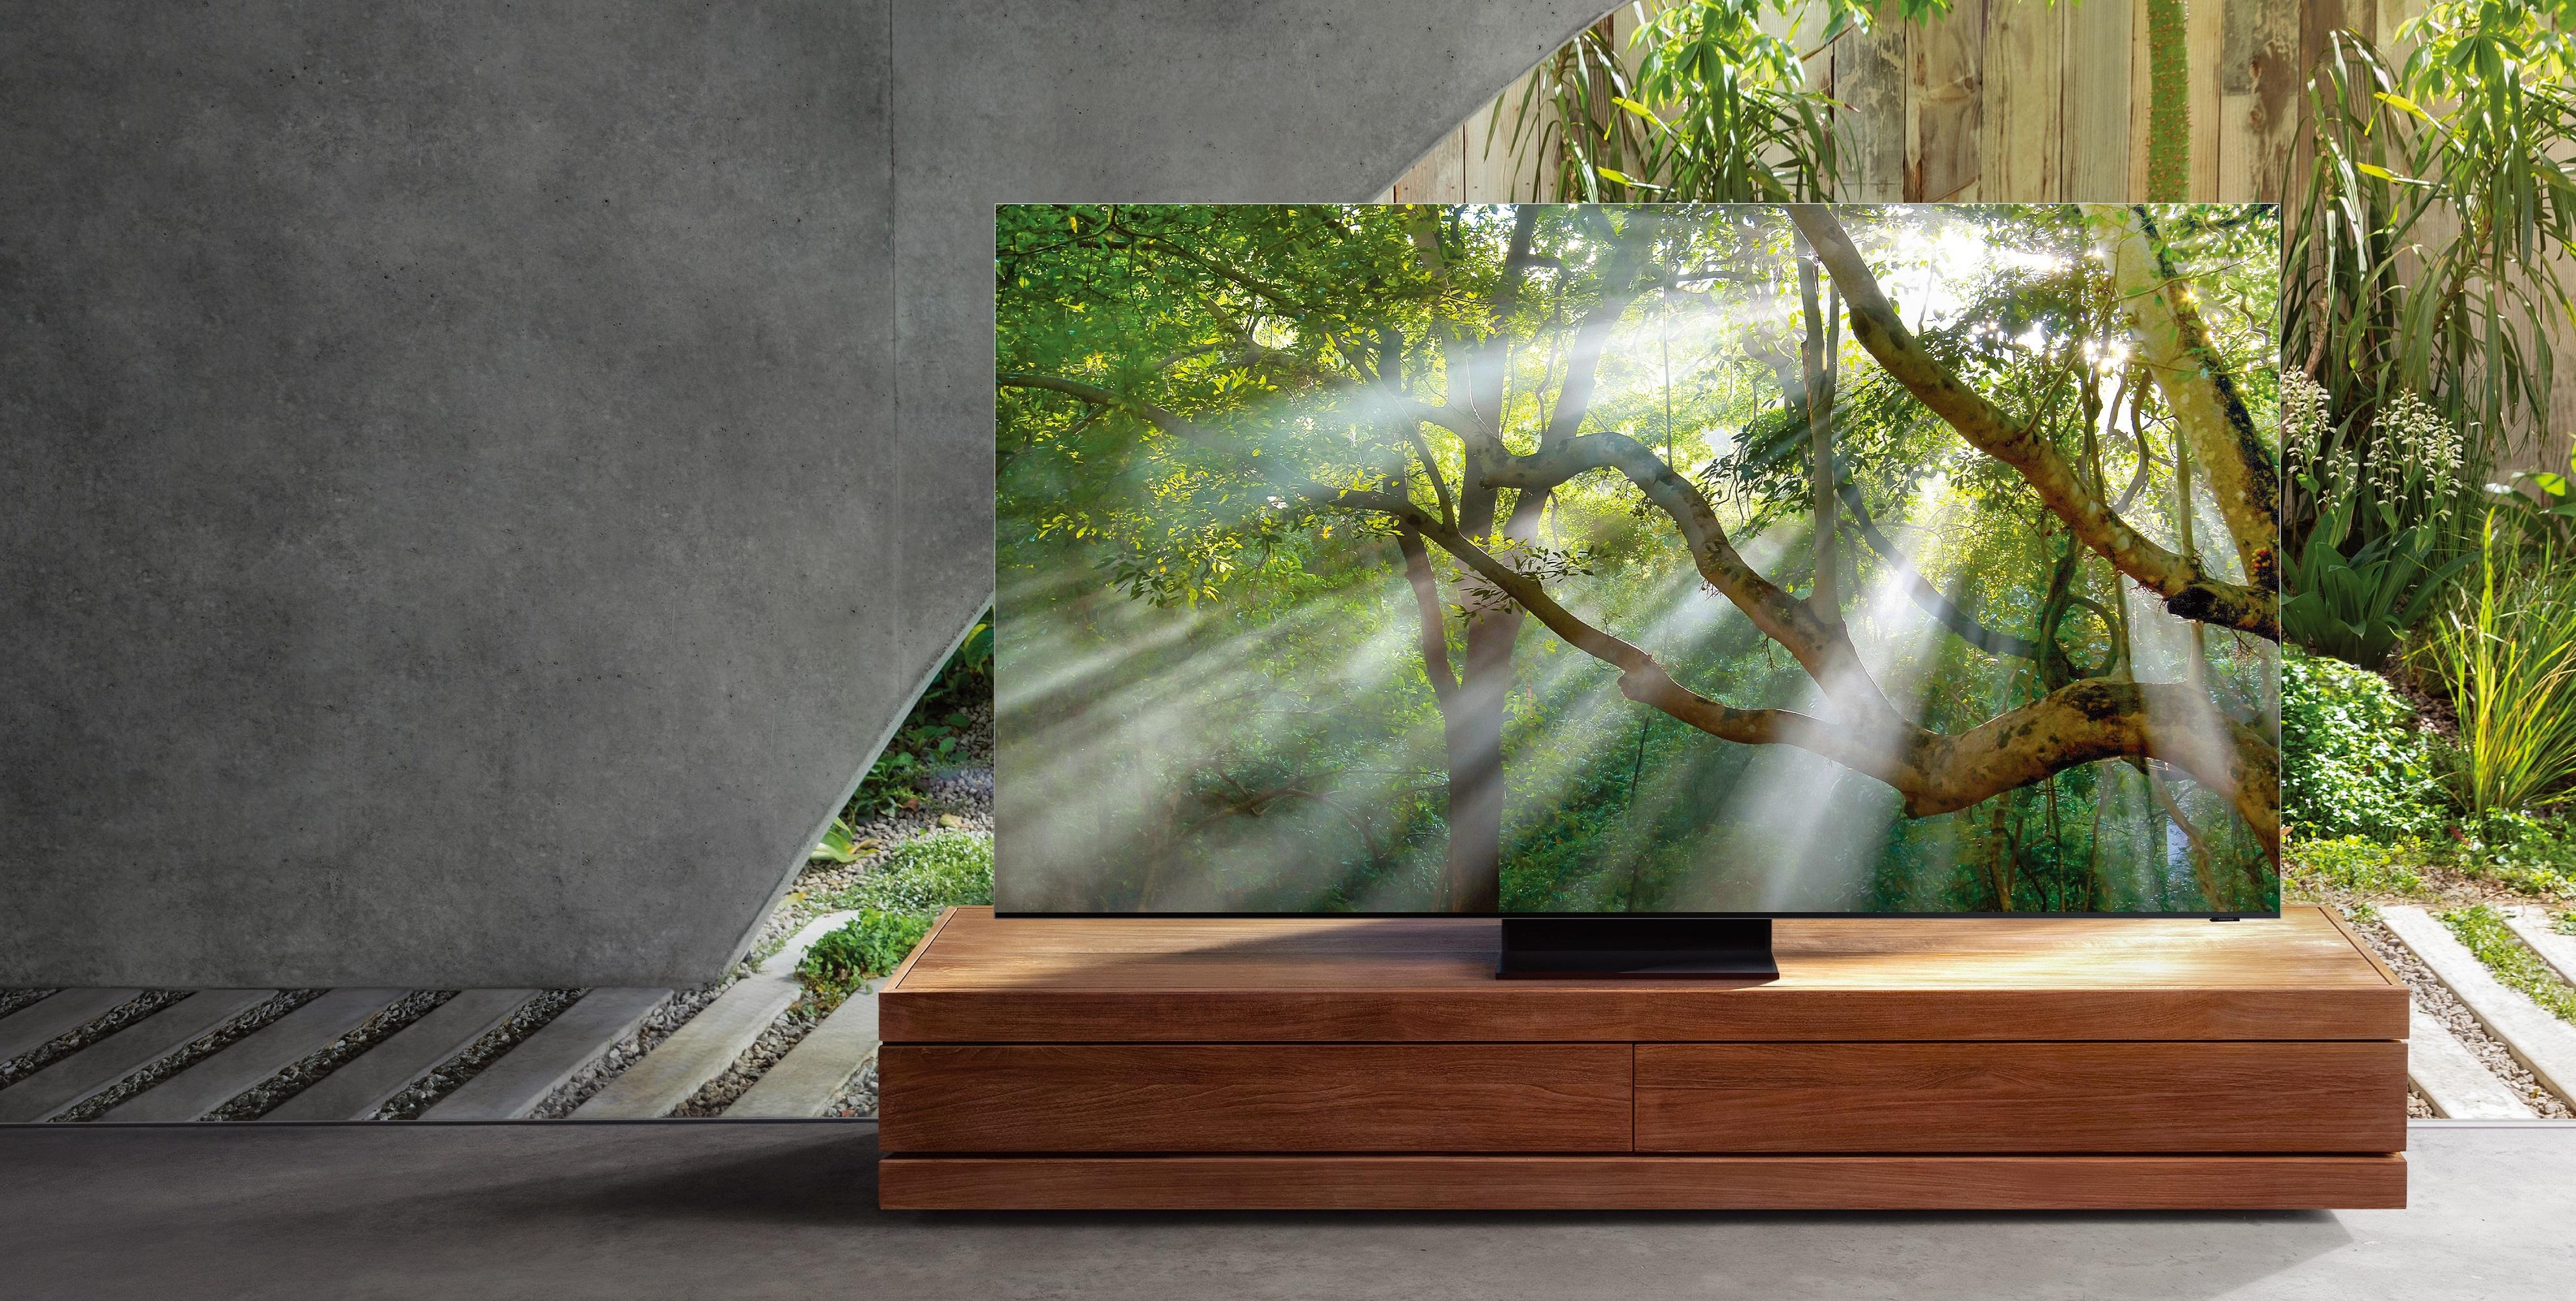 2】Samsung 2020 QLED 8K量子電視Q950TS_情境圖_2